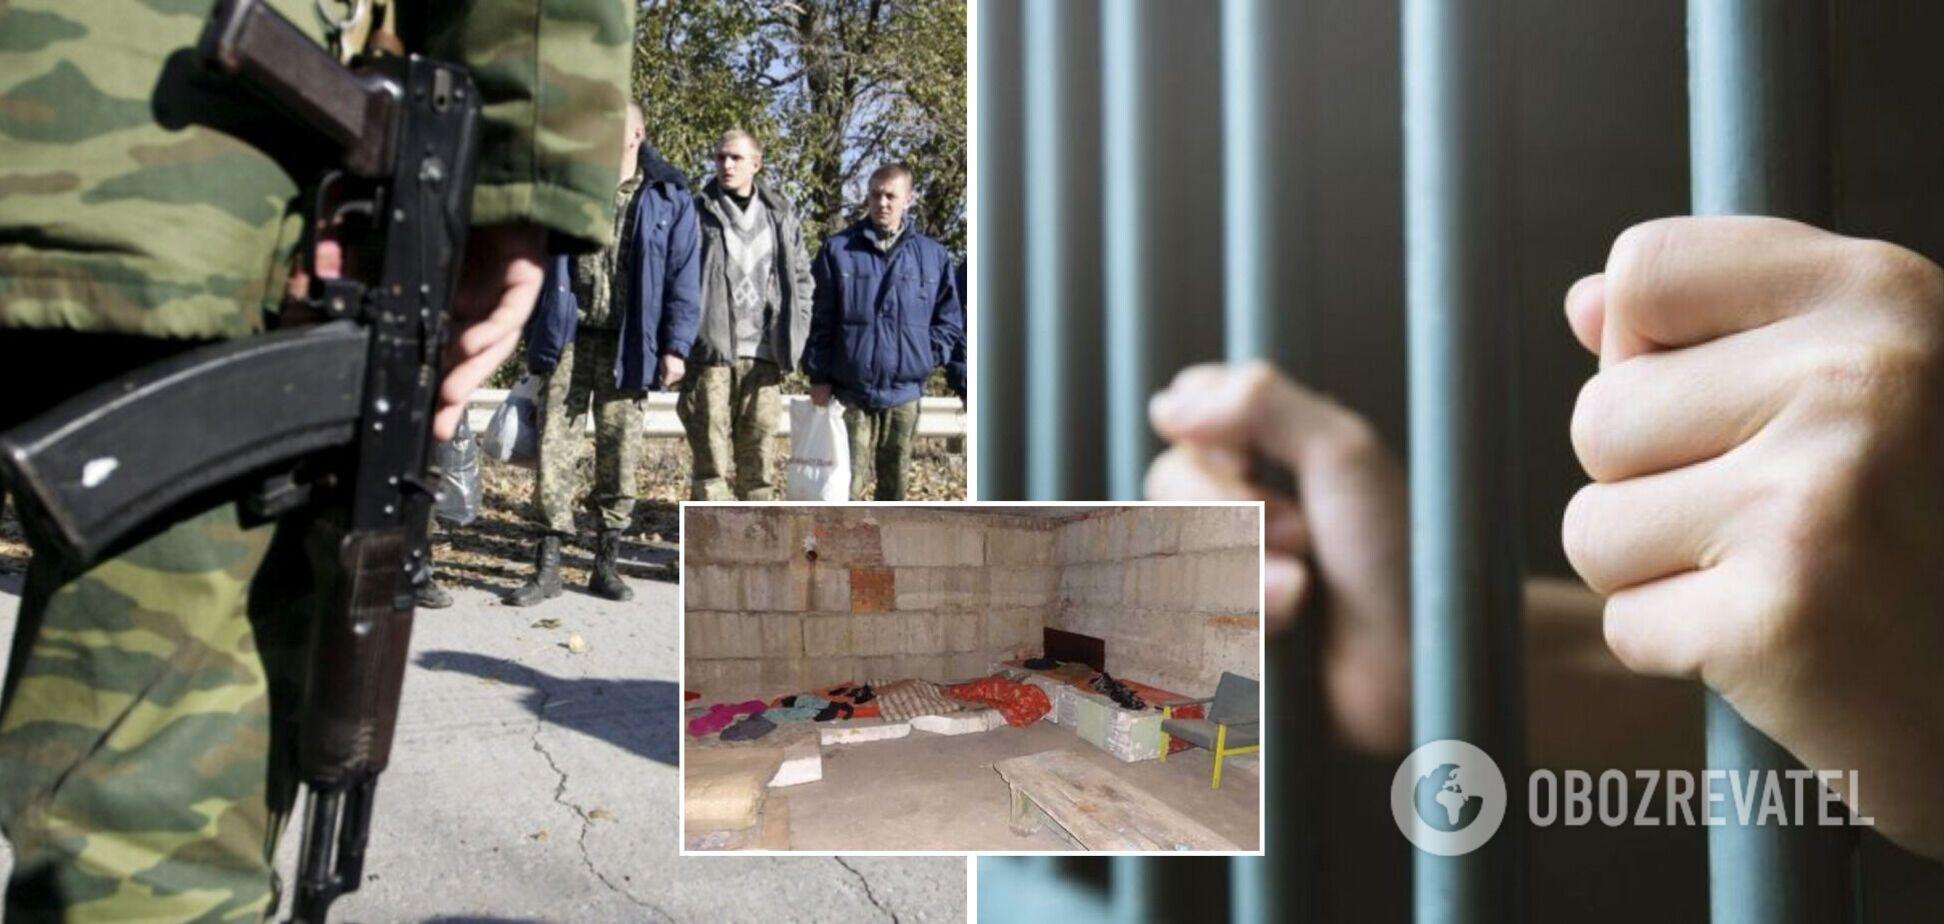 Избивали пленных руками и ногами: предателей Украины из ВСУ и СБУ обвинили в пытках на Донбассе